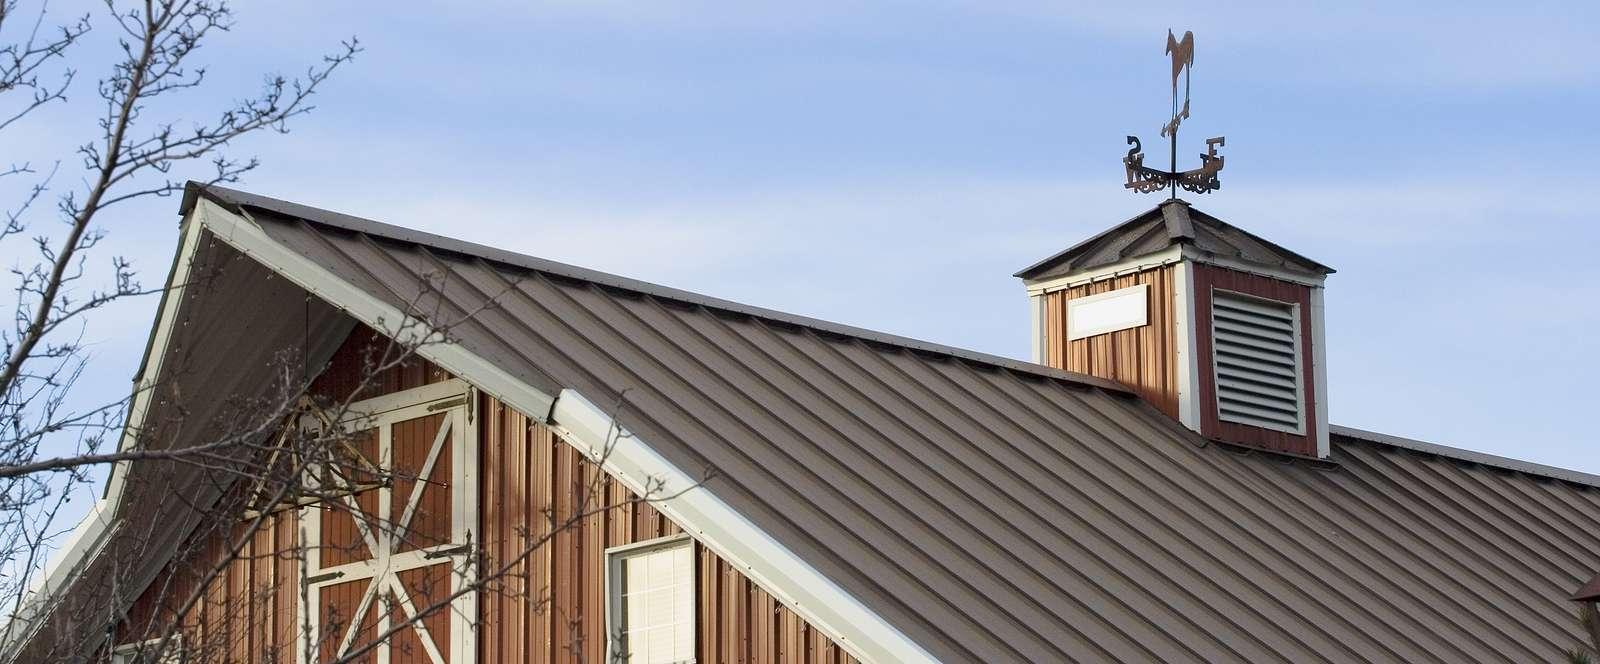 Metal Roof Coatings Farmington Bentonville Fayetteville Ar Ridgeline Construction Services Description